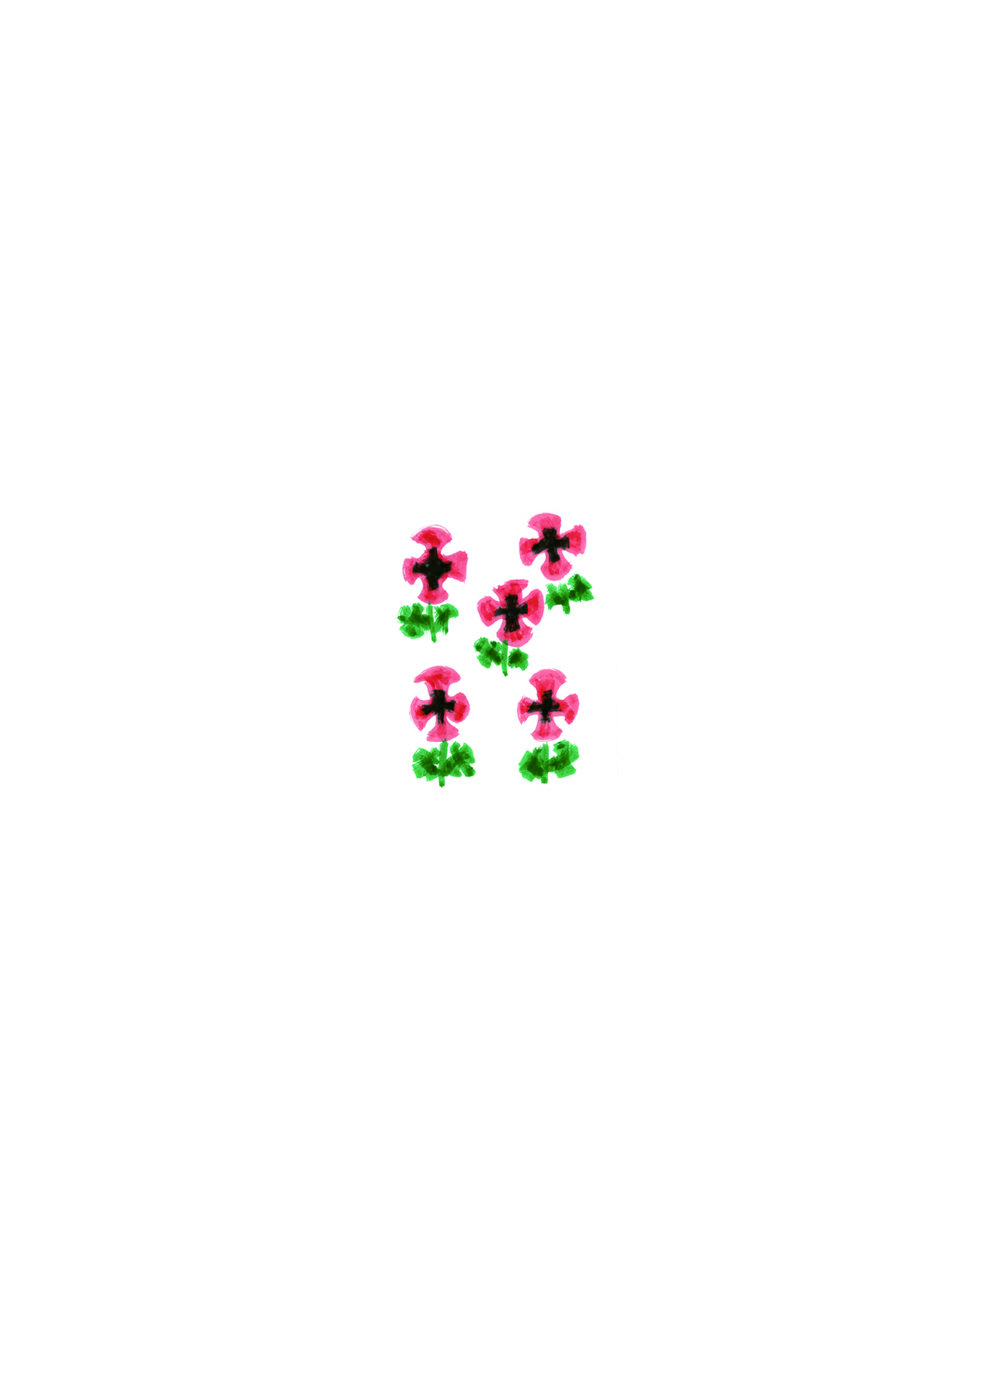 花/Flowers (Illustrated title) #02